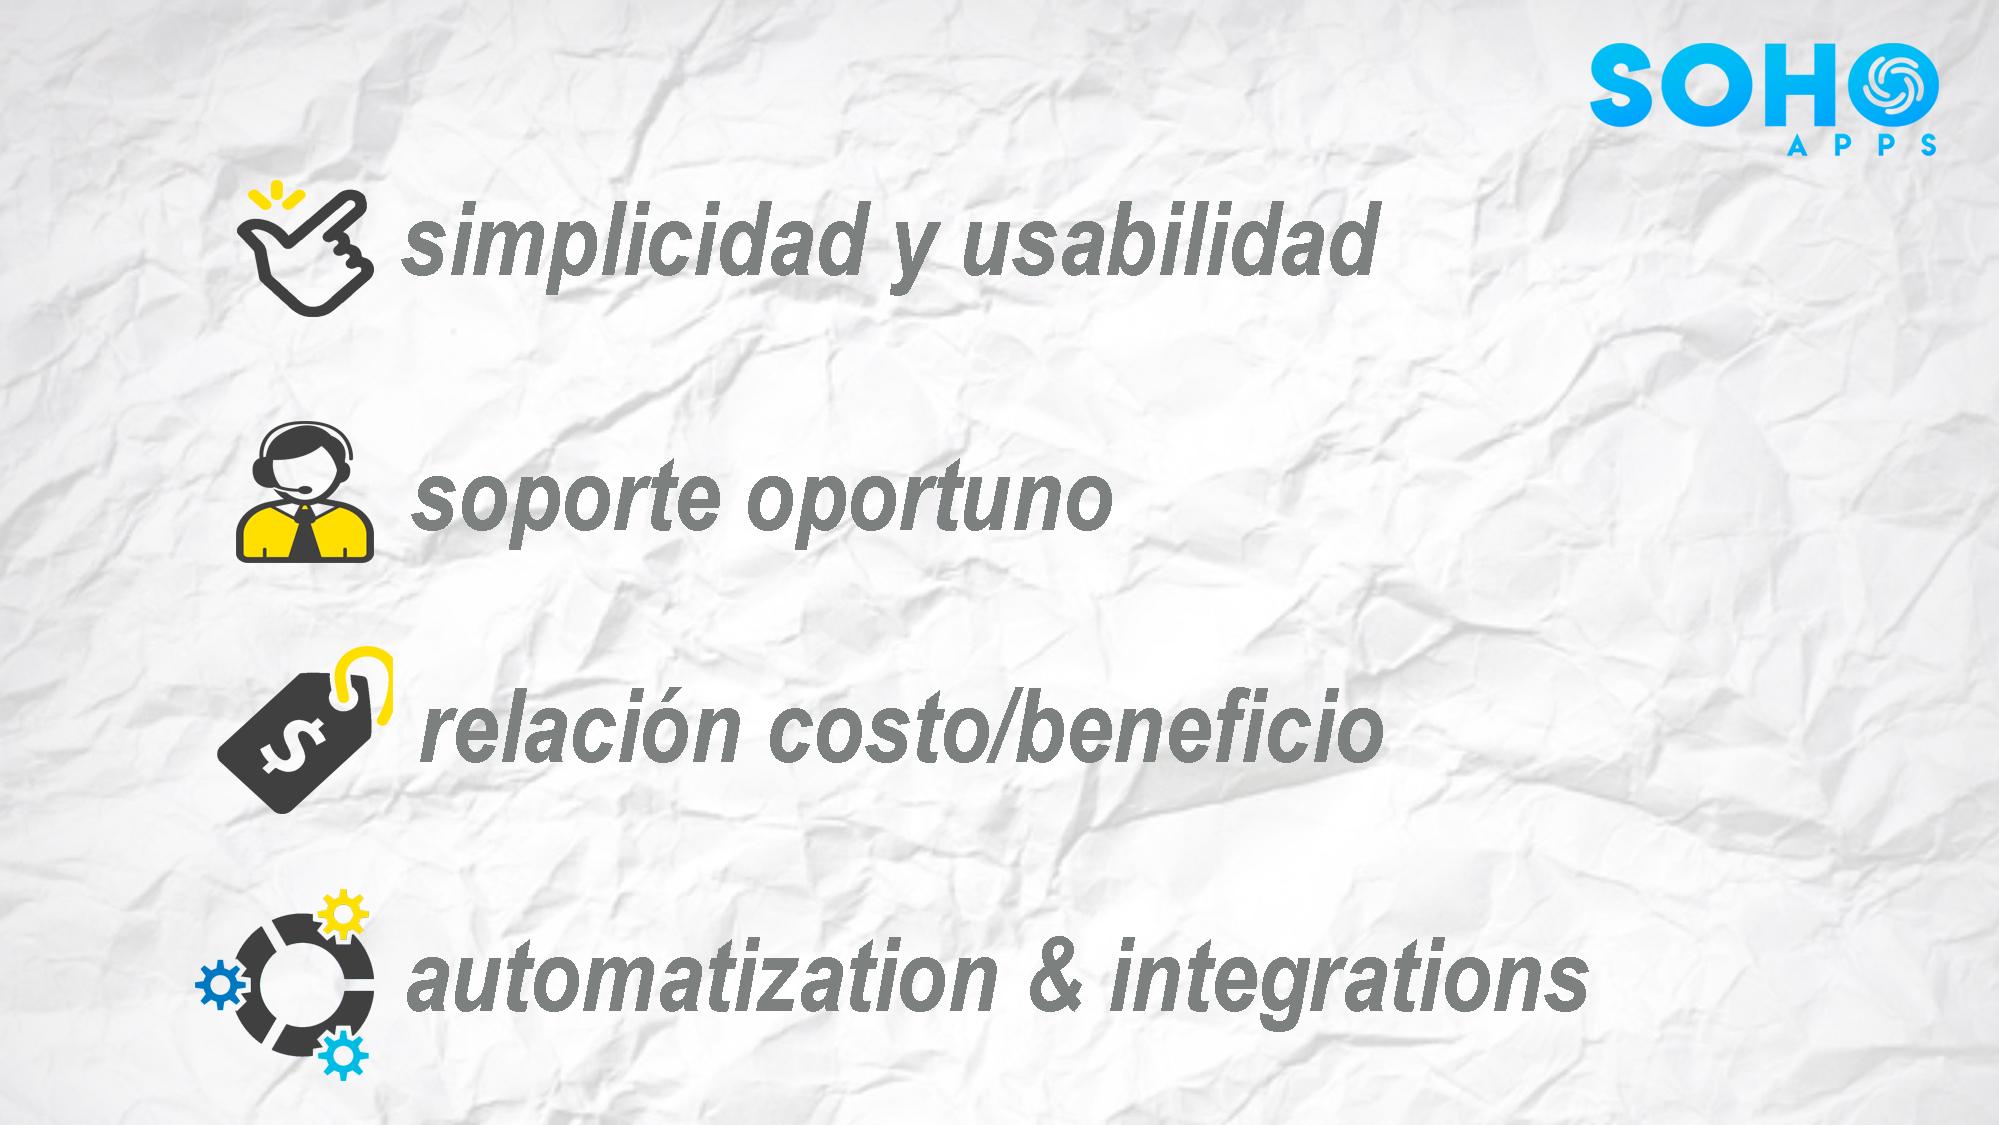 simplicidad, usabilidad, soporte oportuno, relación costo-beneficio, automatización e integración